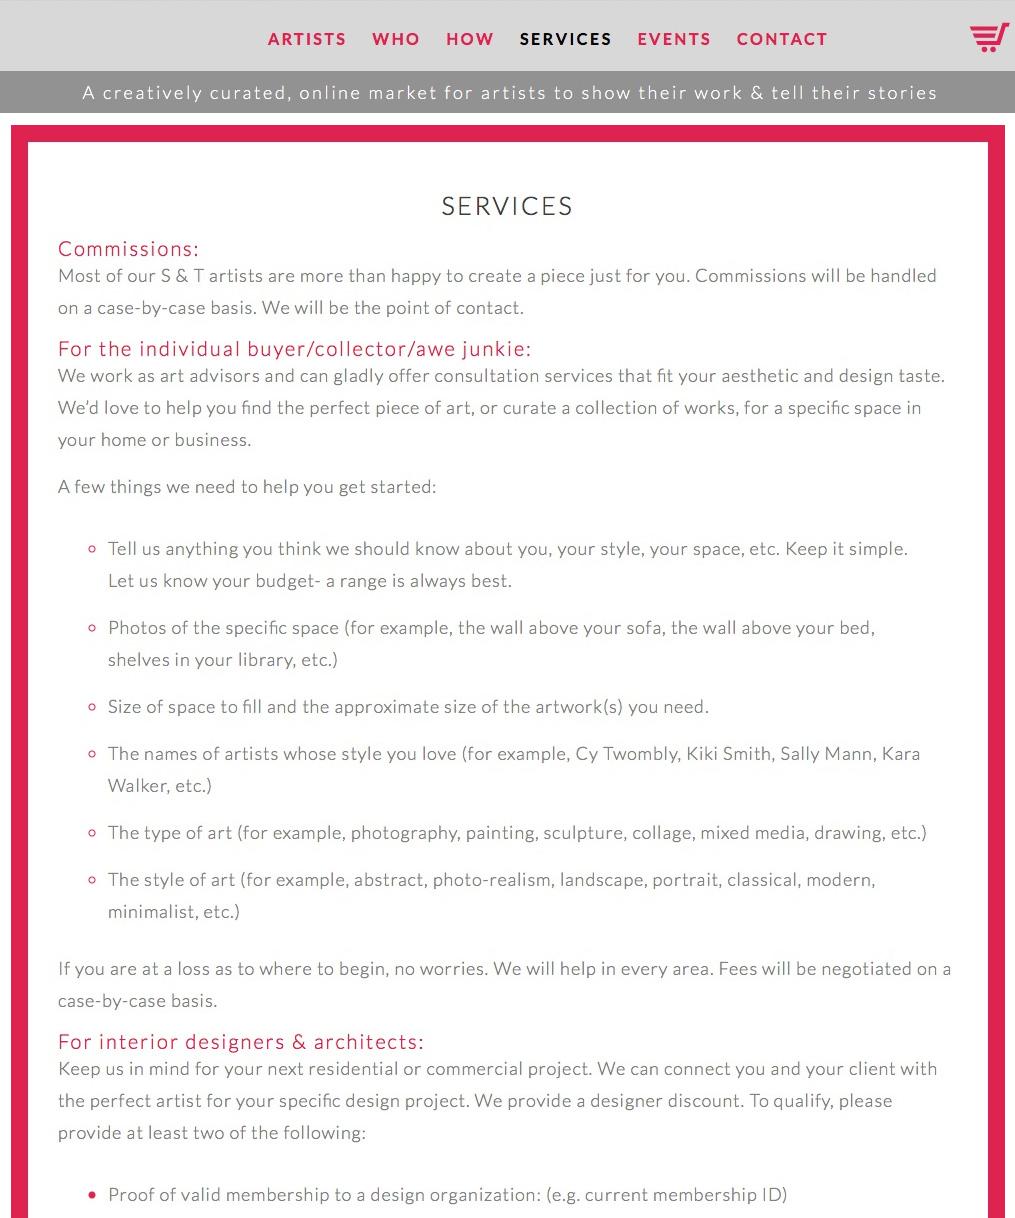 st-services